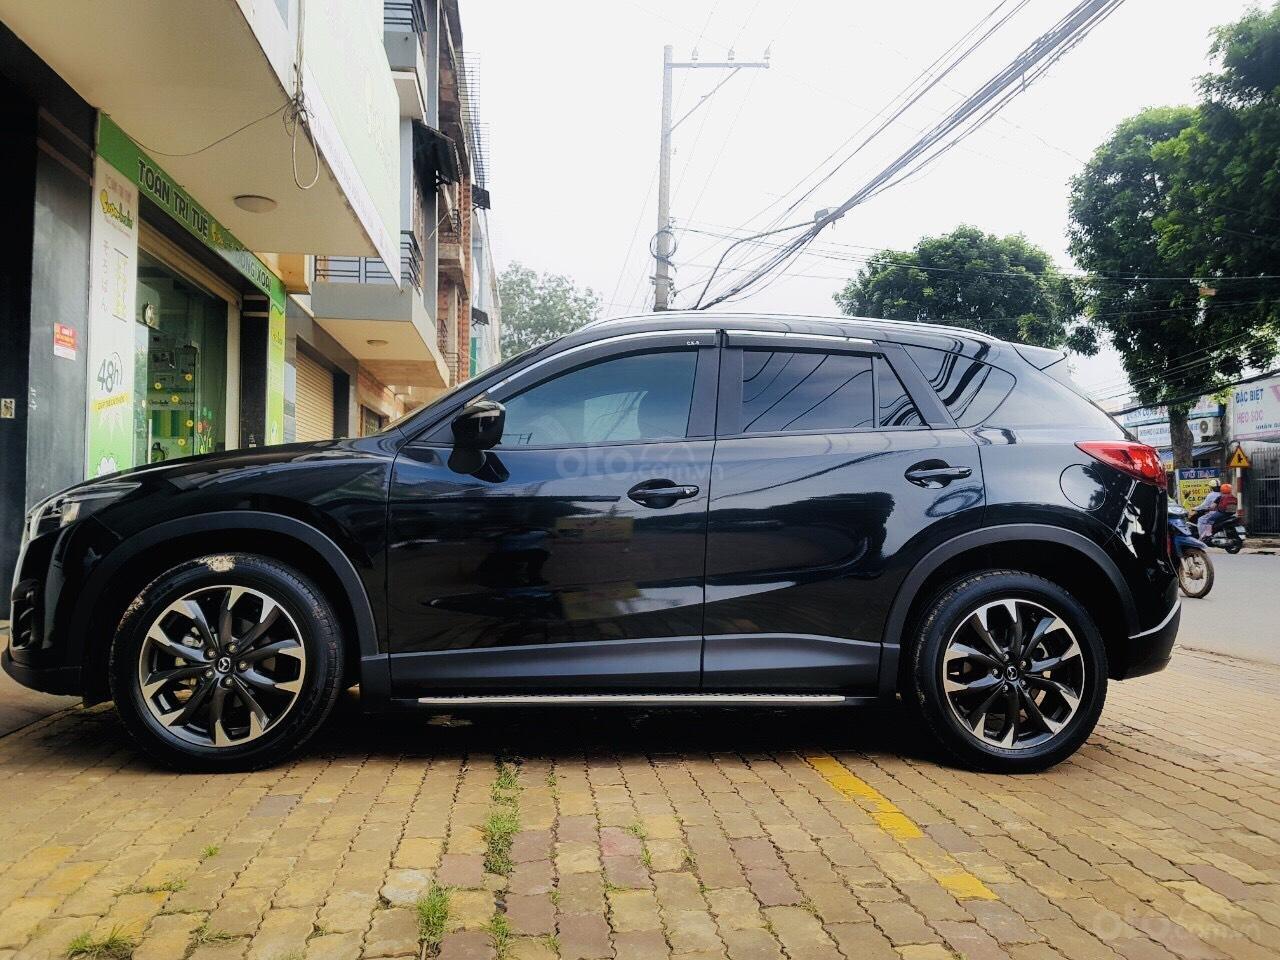 Bán ô tô Mazda CX 5 2.5 2WD sản xuất 2017, màu đen (2)